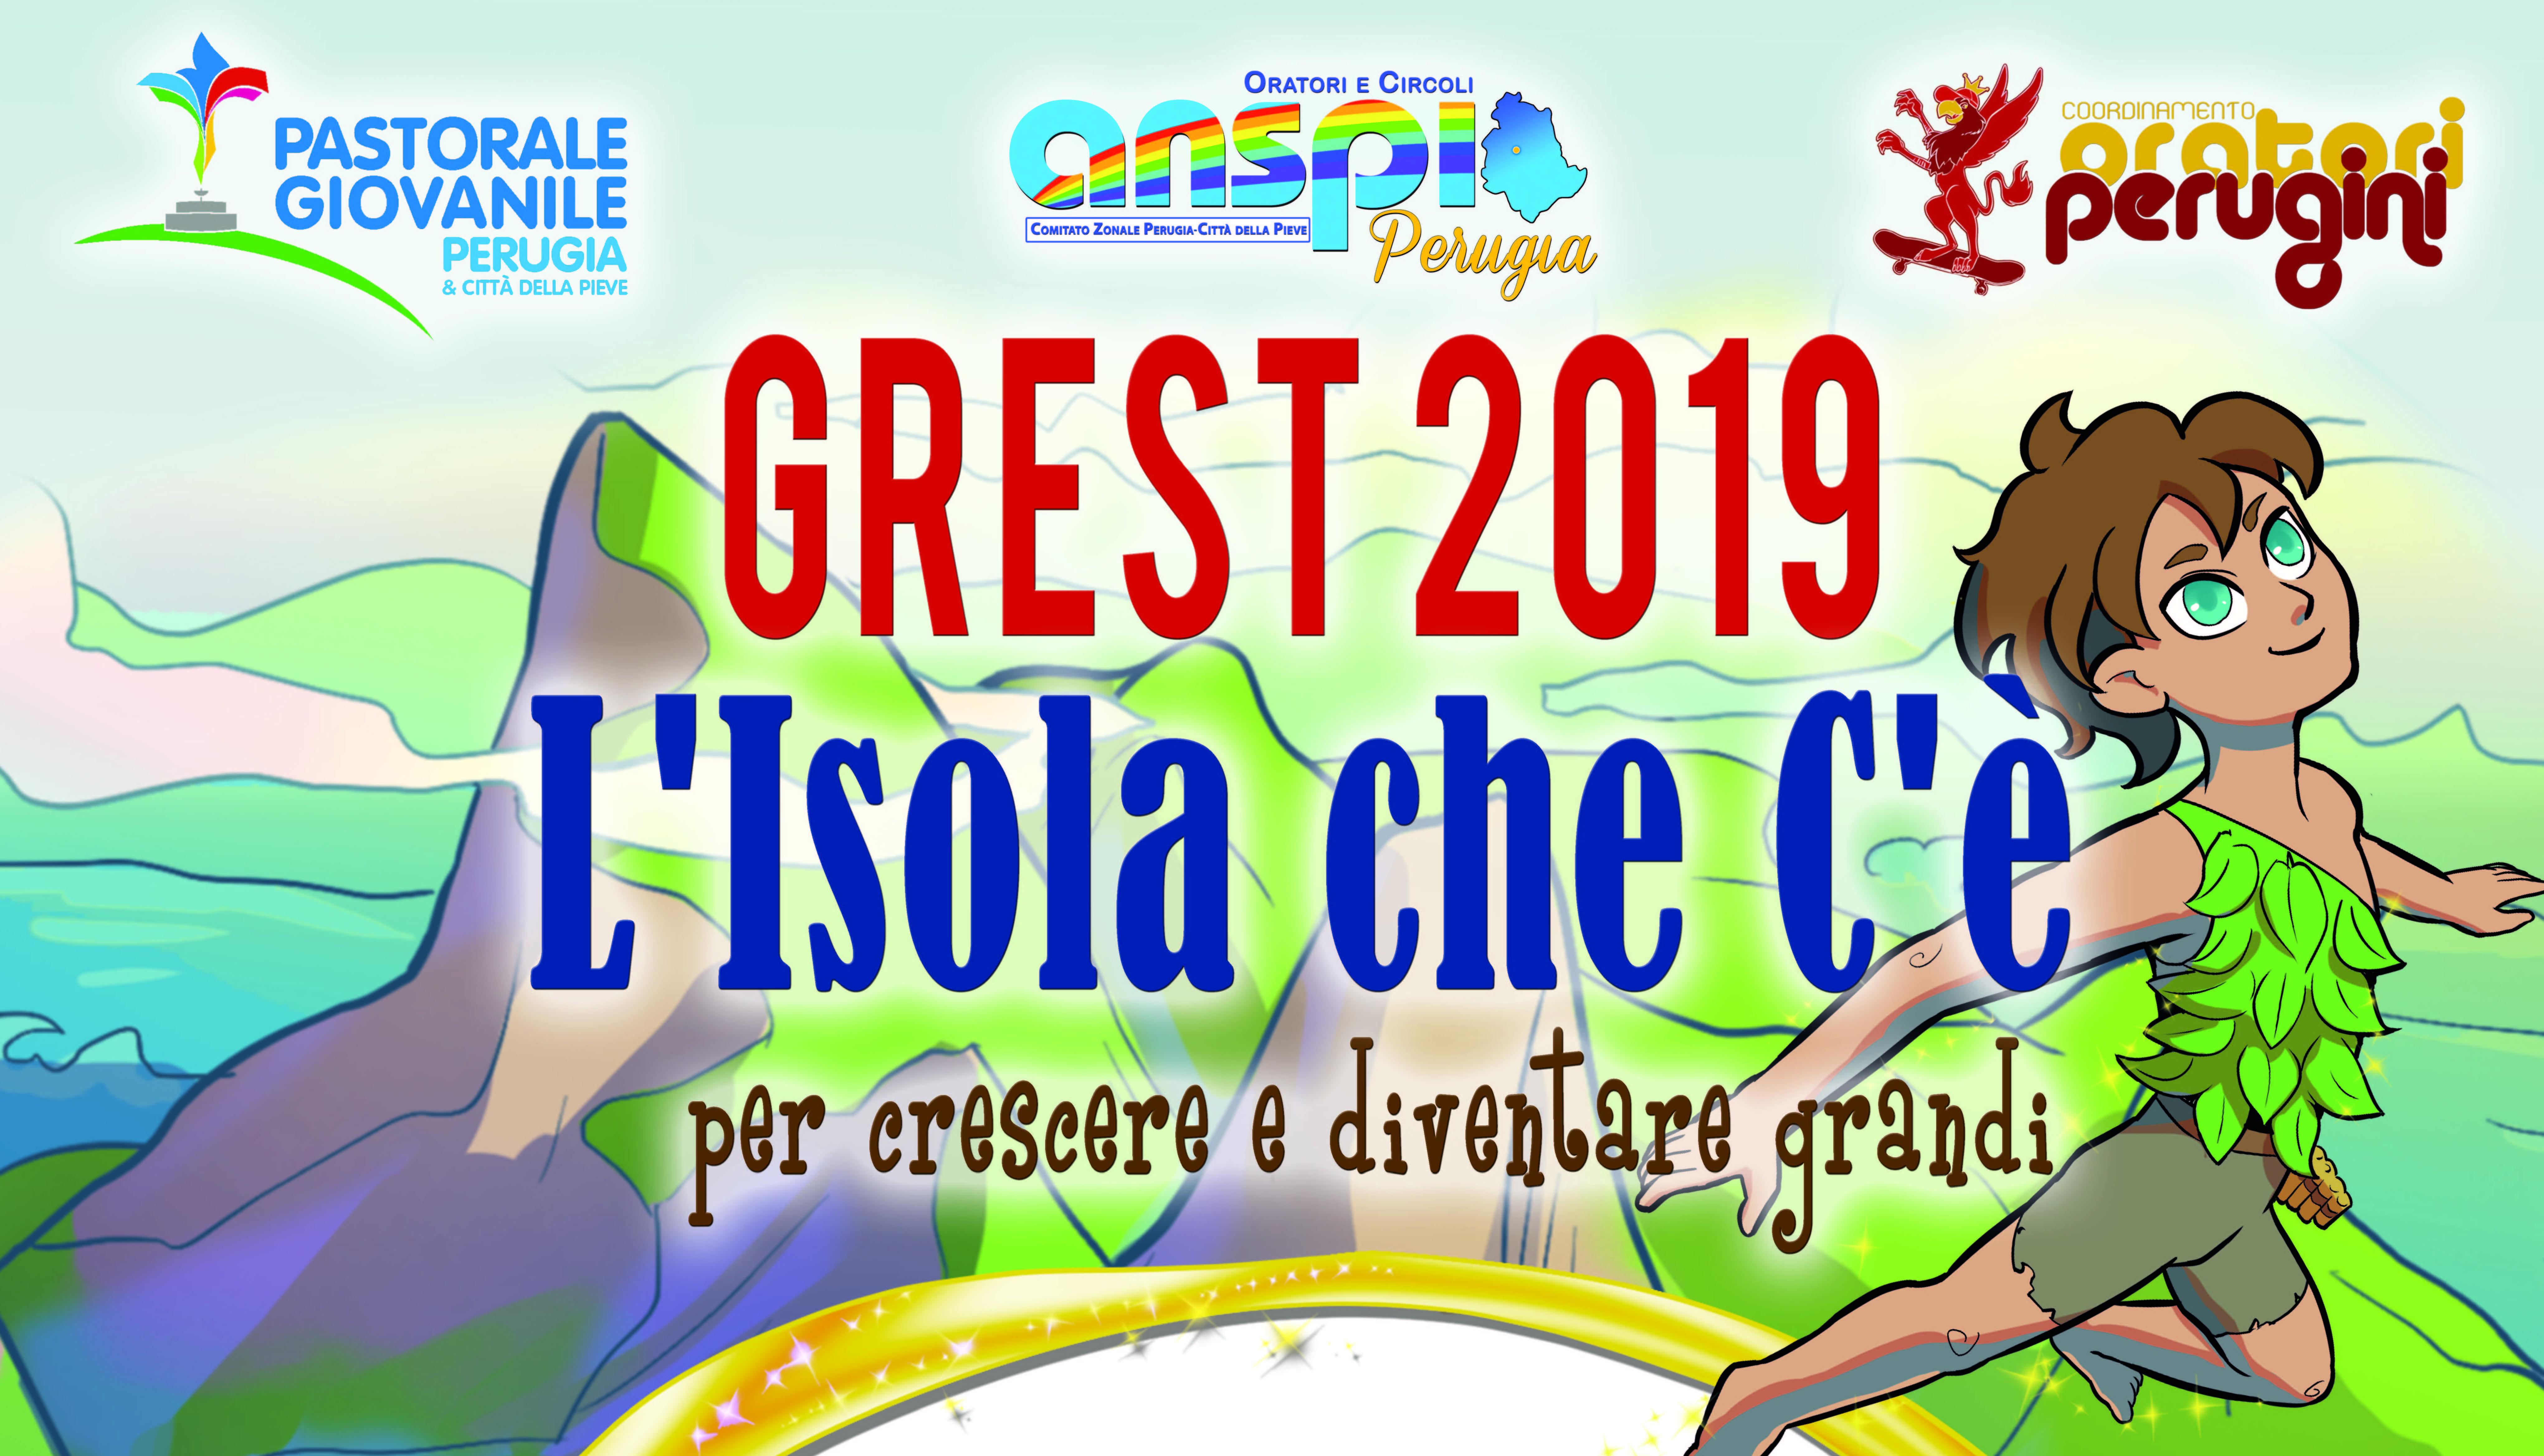 GREST 2019